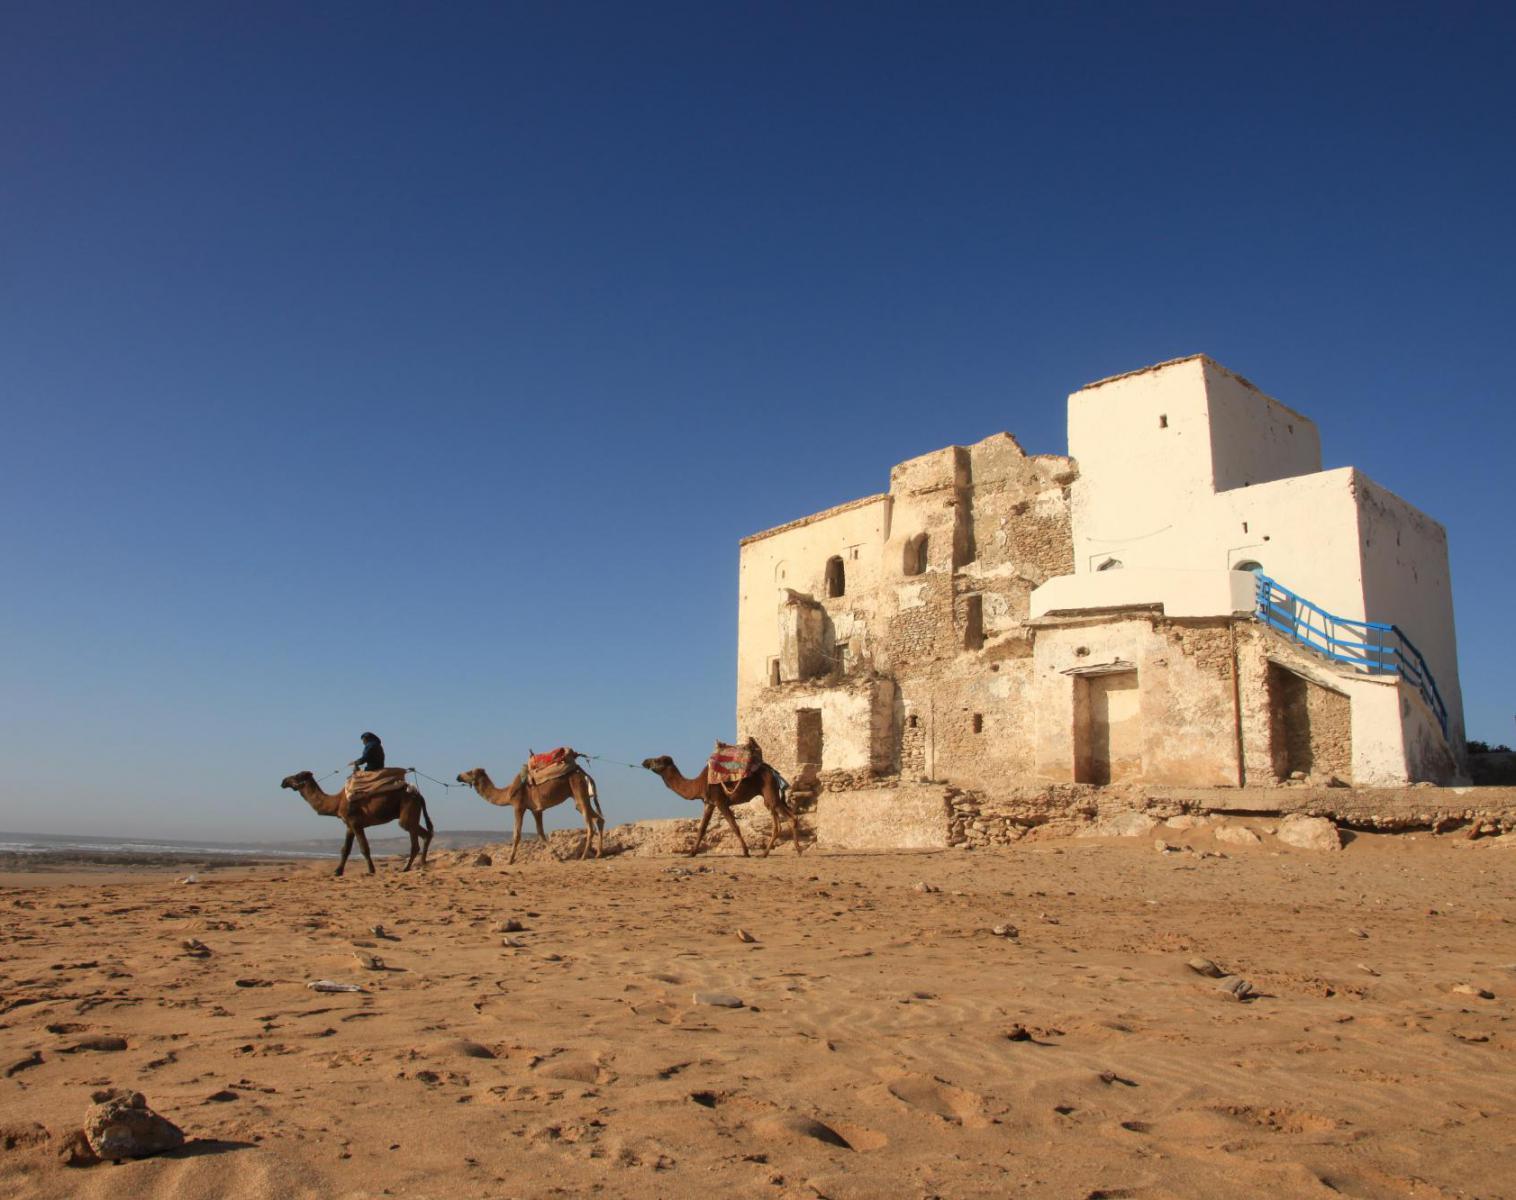 Maroc  Des plateaux du Yagour à Essaouira   Rencontres et cultures du Monde